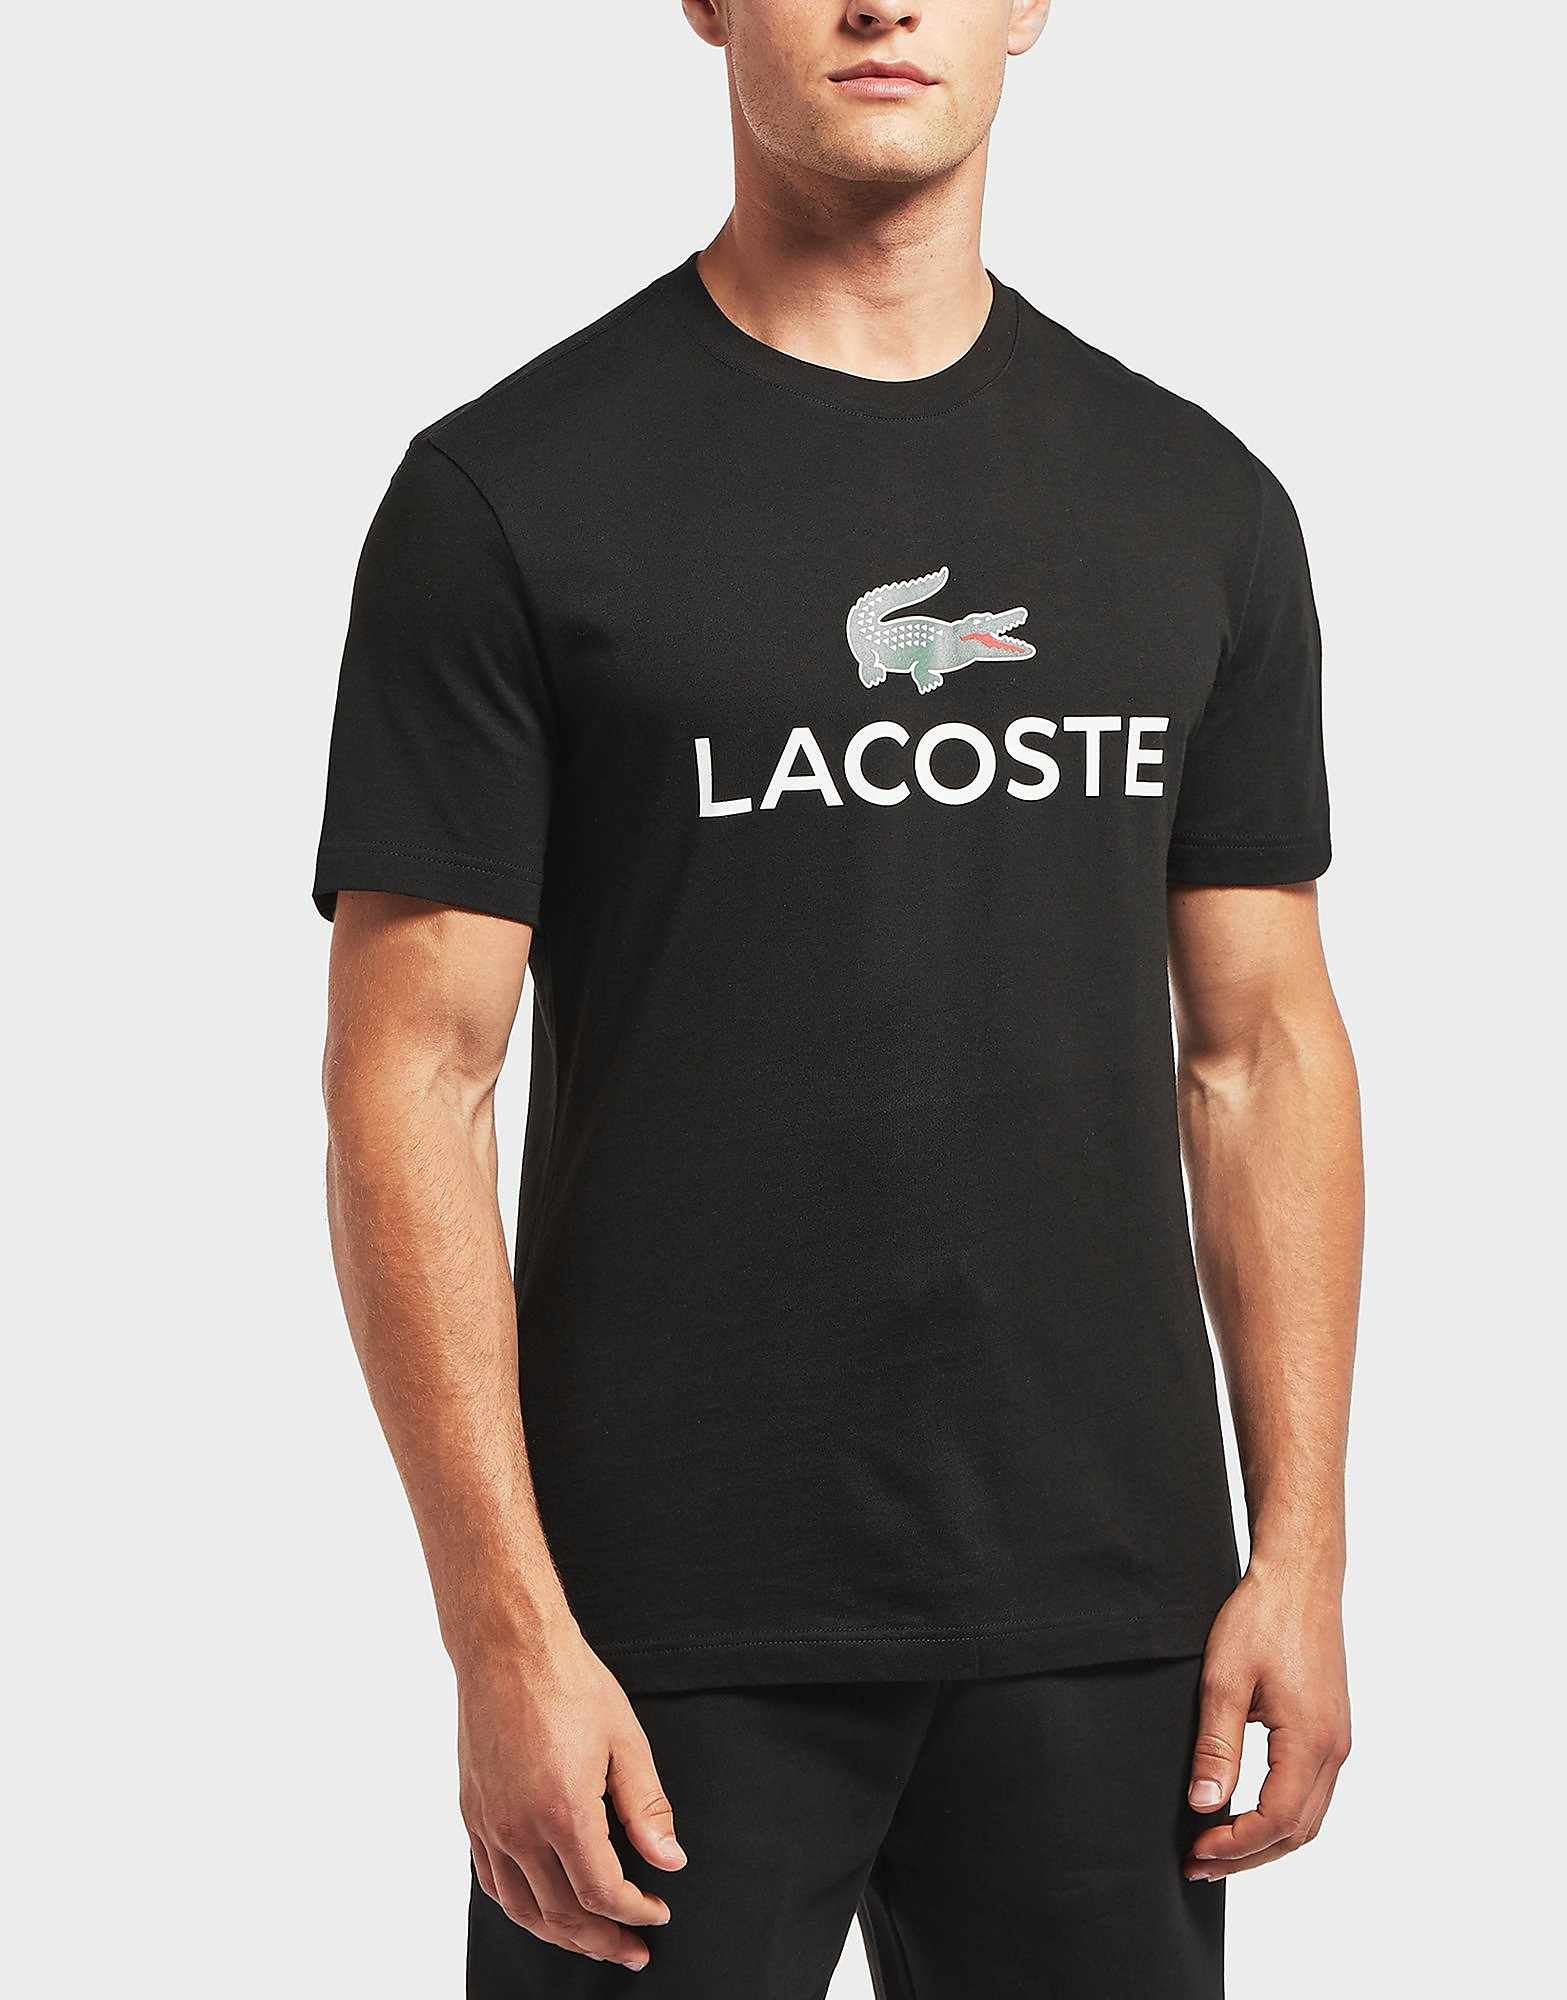 Lacoste Large Logo Short Sleeve T-Shirt